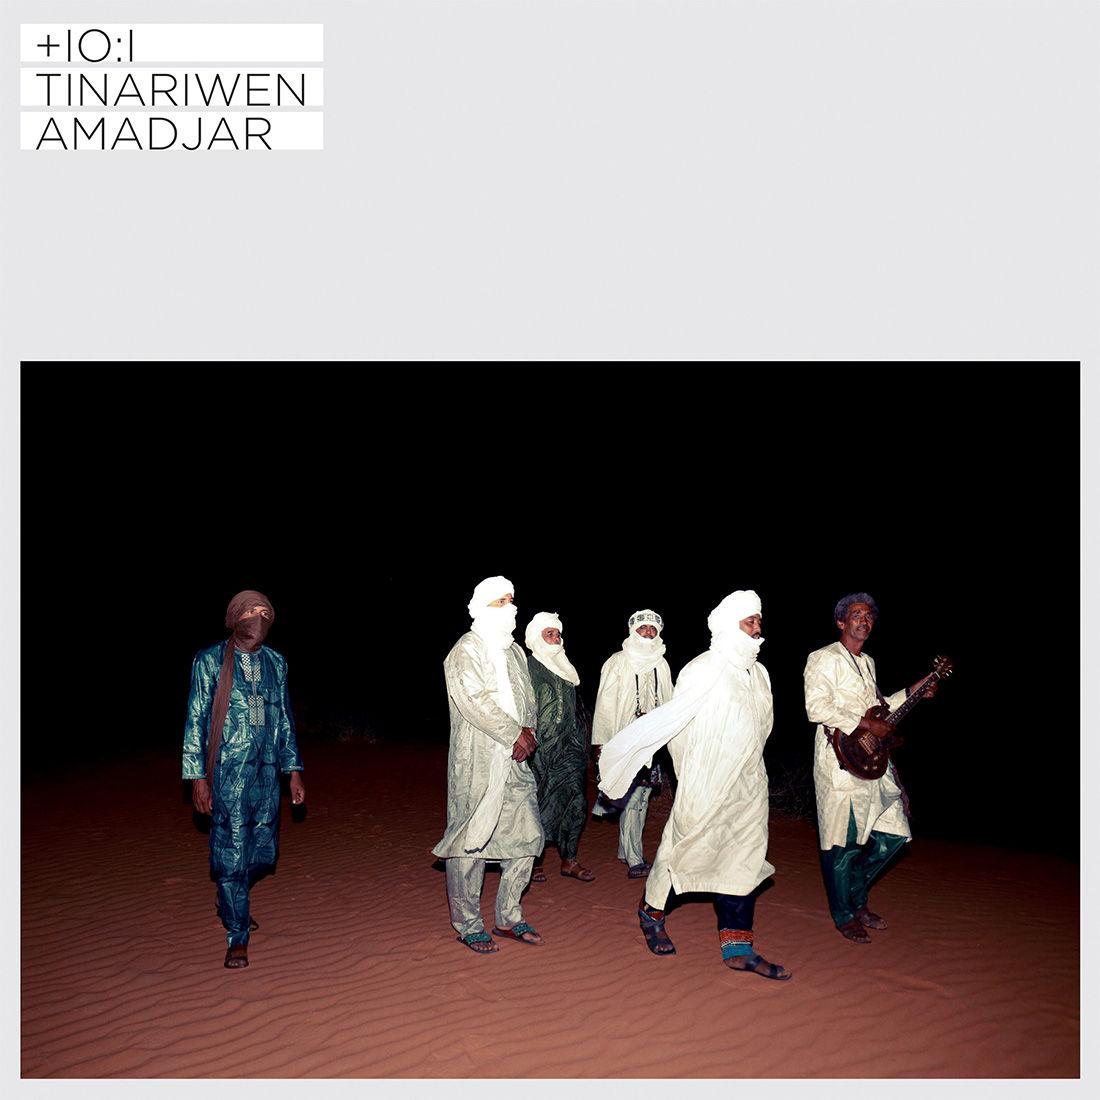 cass mccombs'lu yeni tinariwen şarkısı yayında